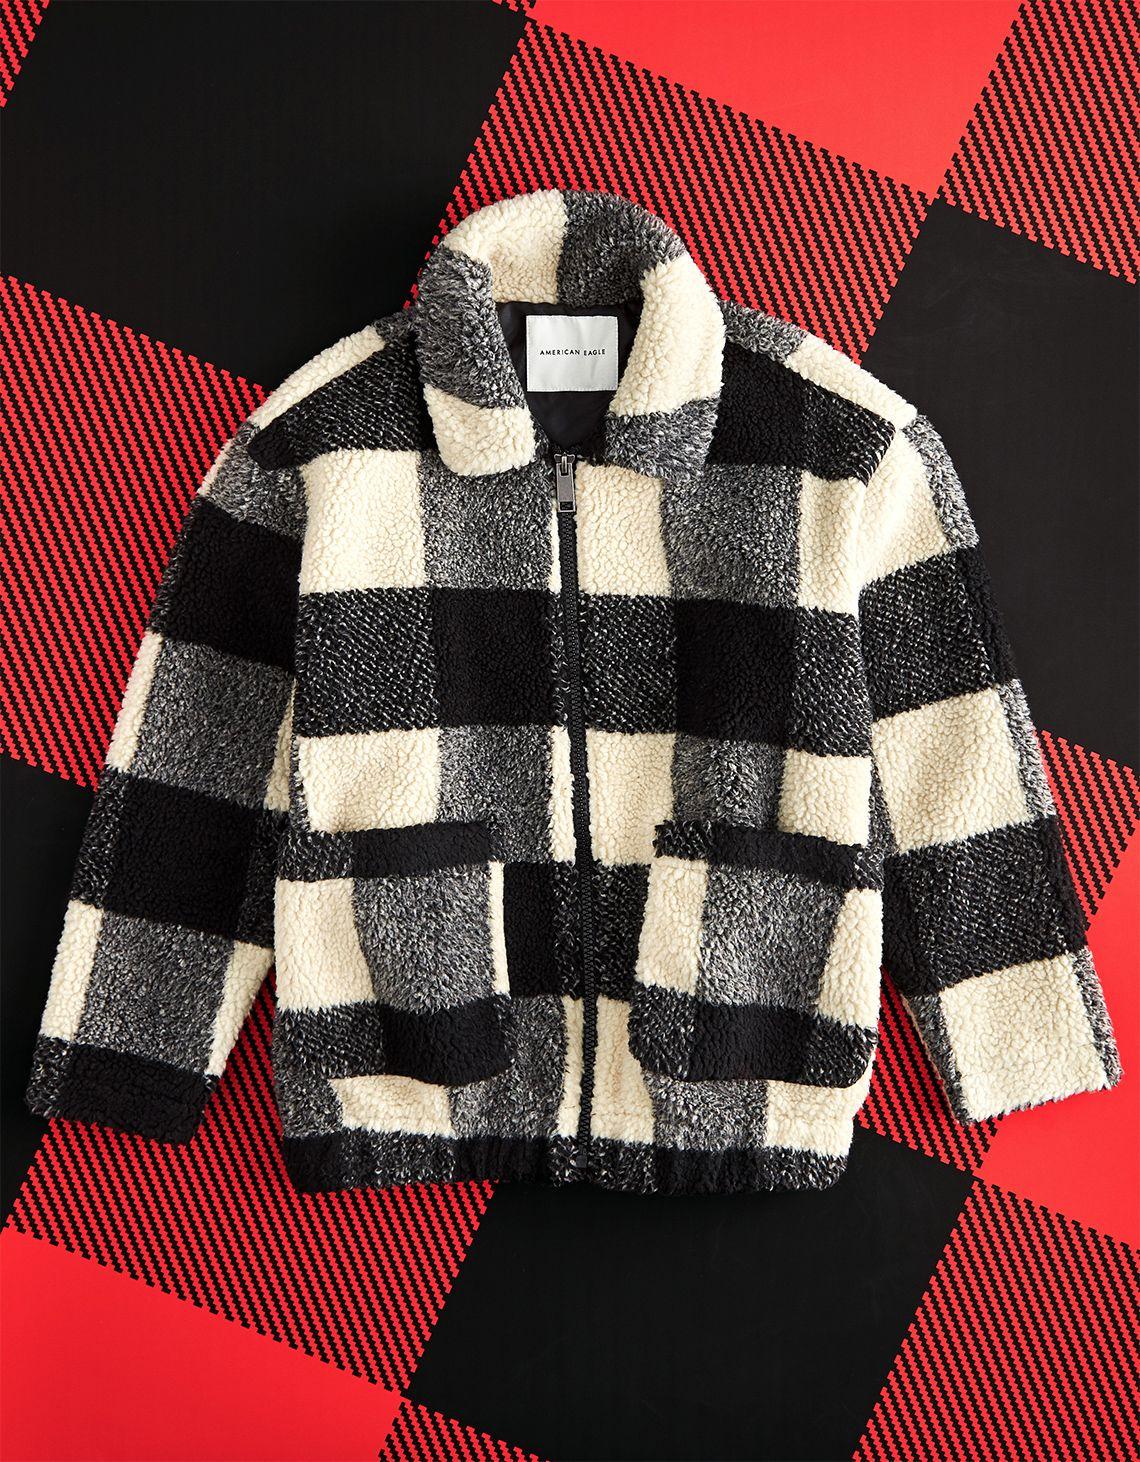 Ae Fuzzy Sherpa Bomber Jacket [ 1462 x 1140 Pixel ]